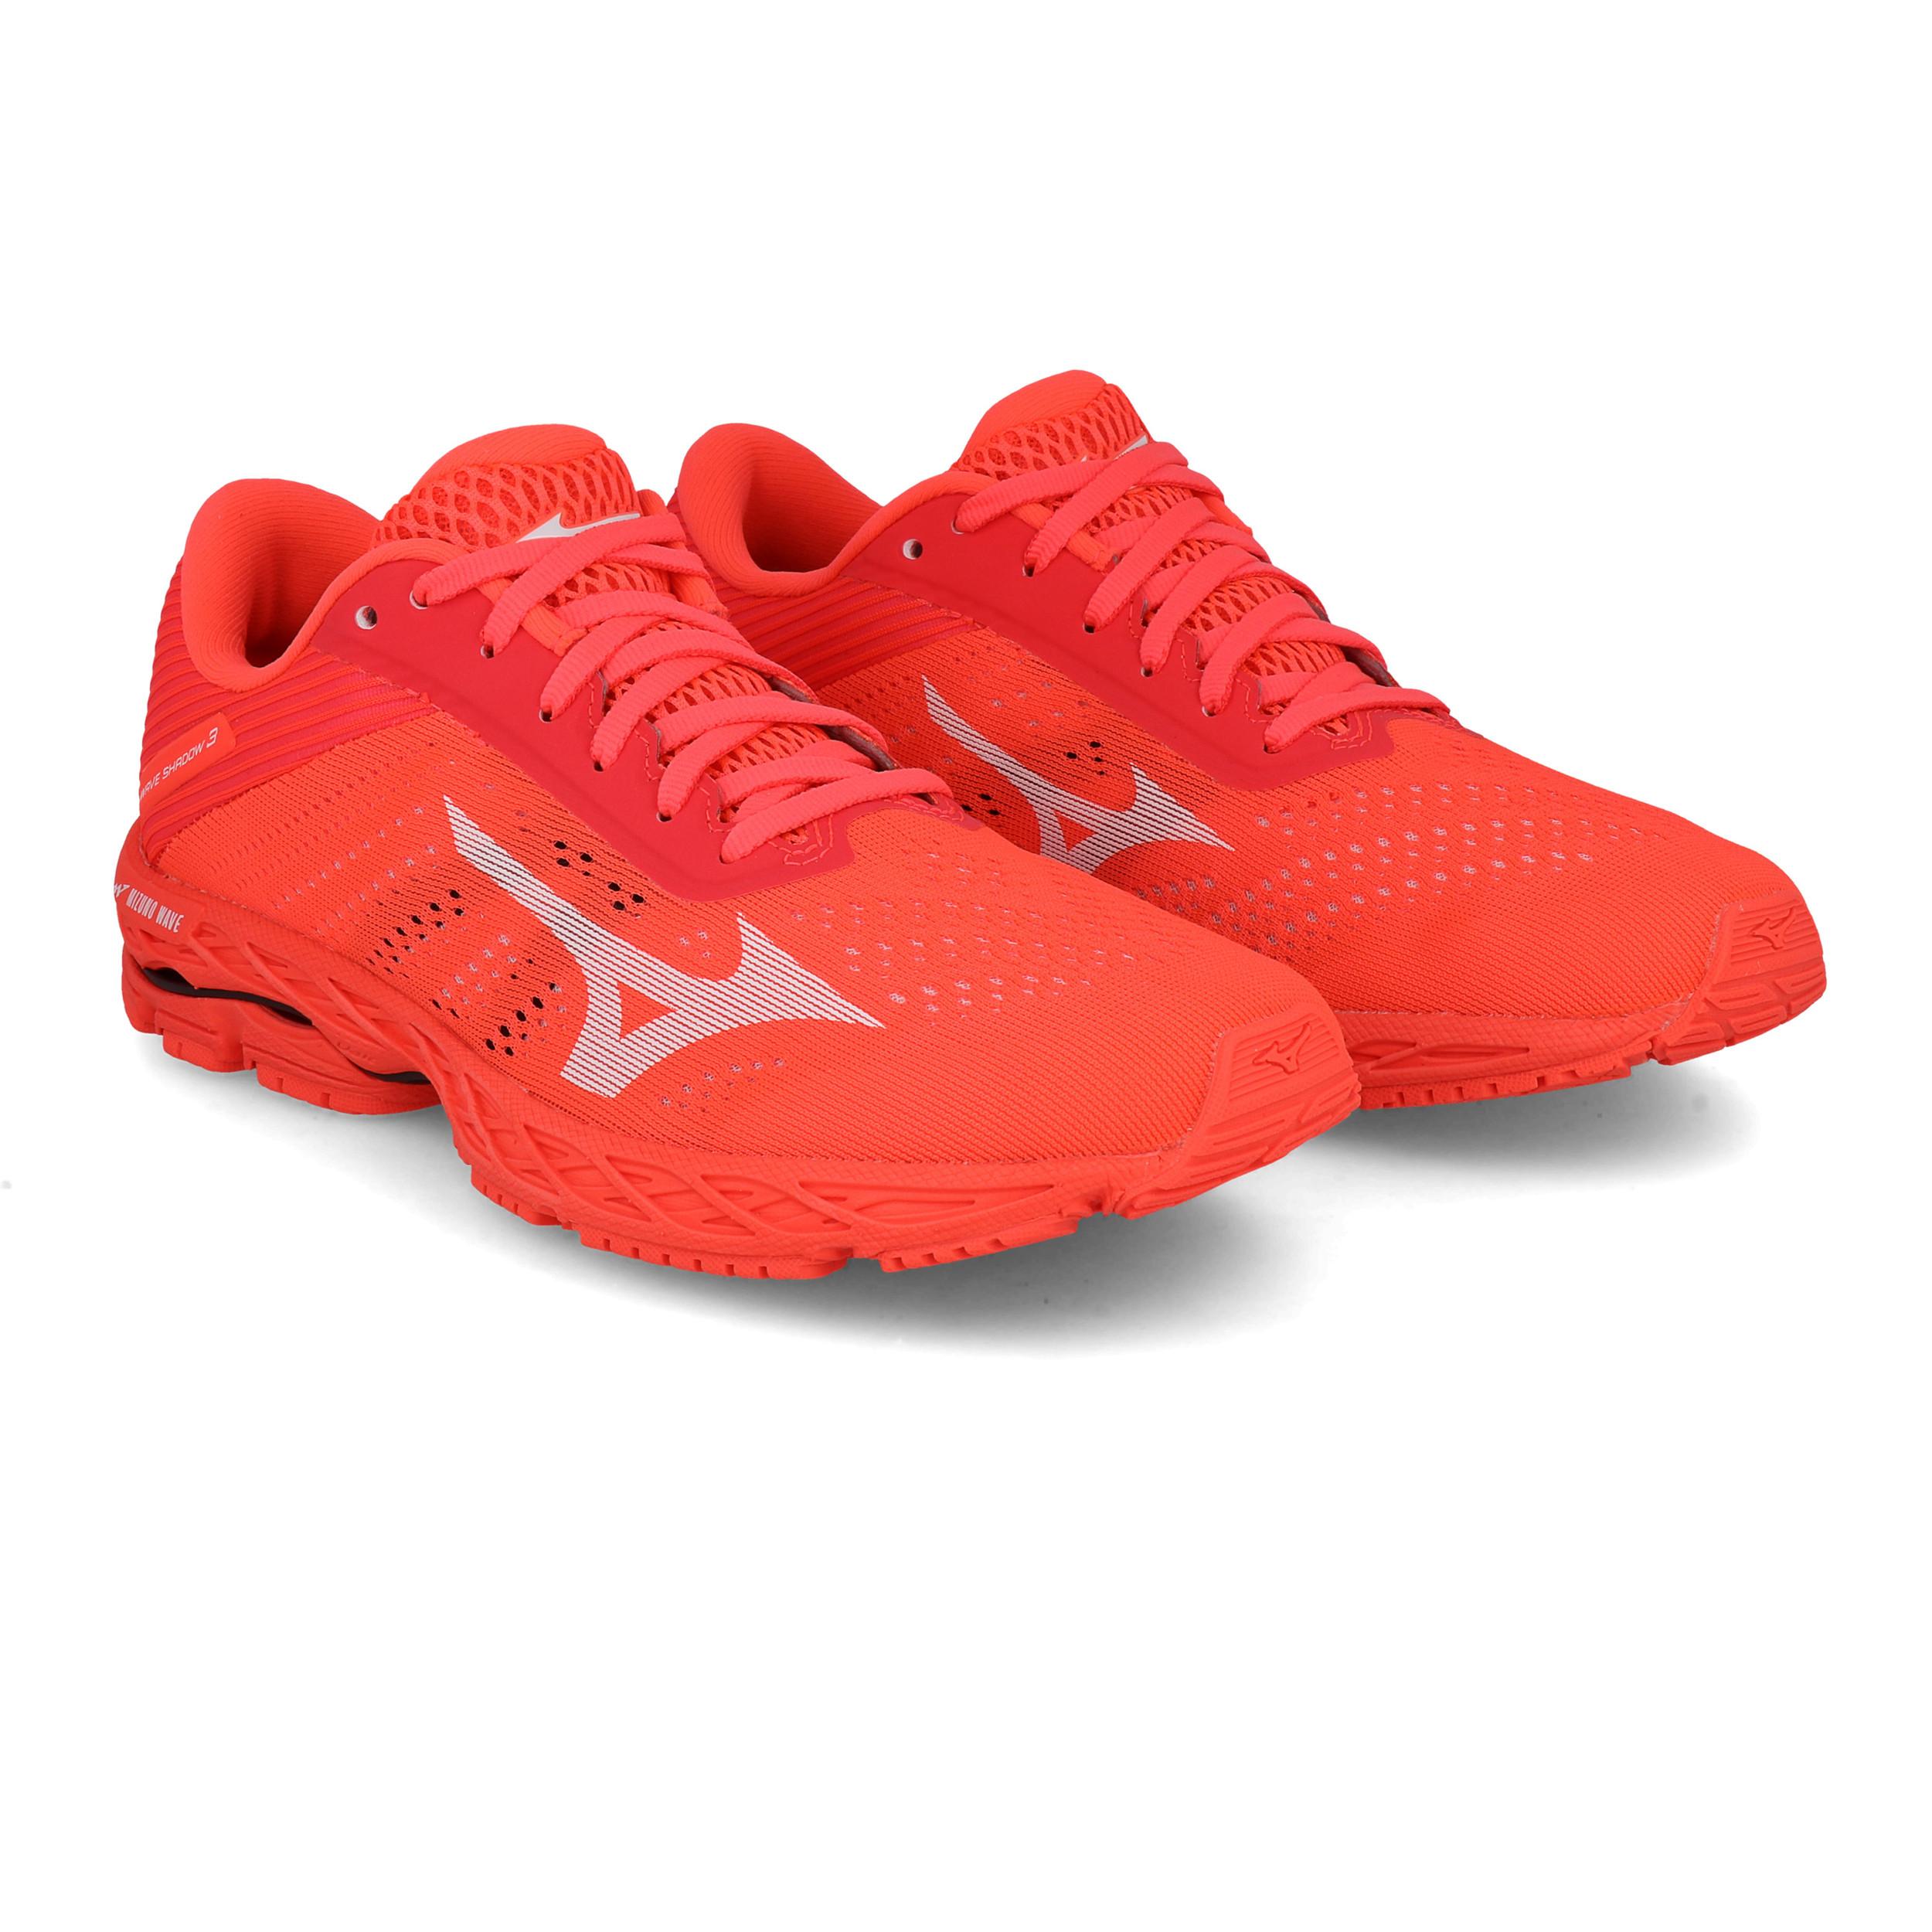 Mizuno Wave Shadow 3 Women's Running Shoes